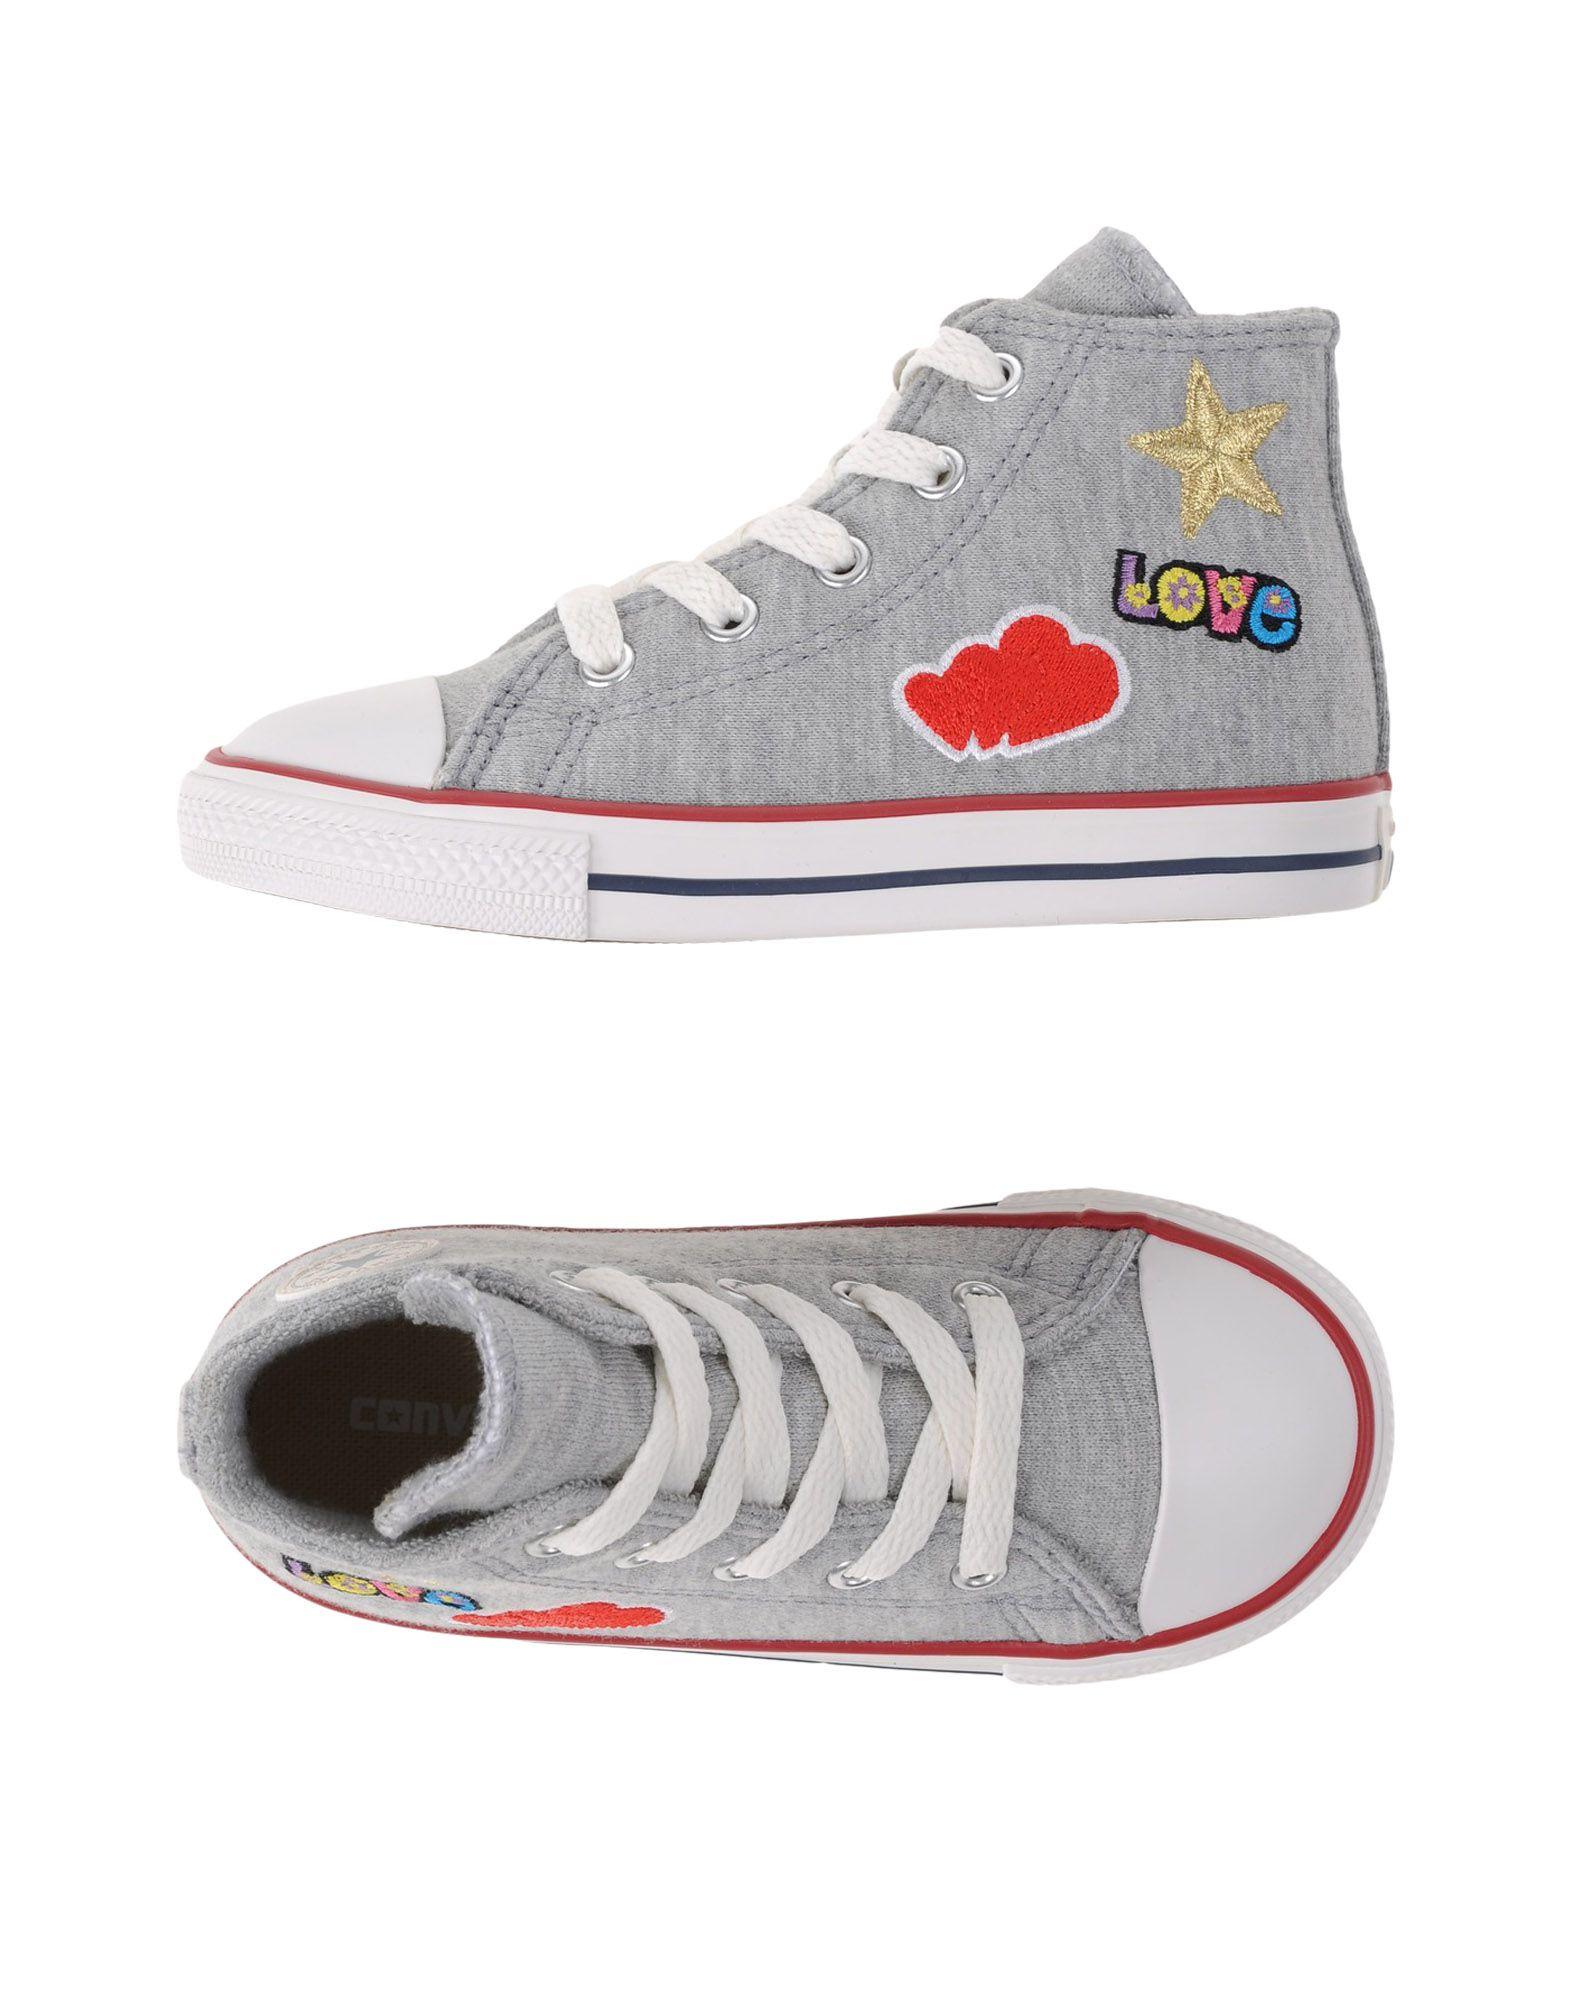 CONVERSE ALL STAR Mädchen 3-8 jahre Low Sneakers & Tennisschuhe Farbe Grau Größe 19